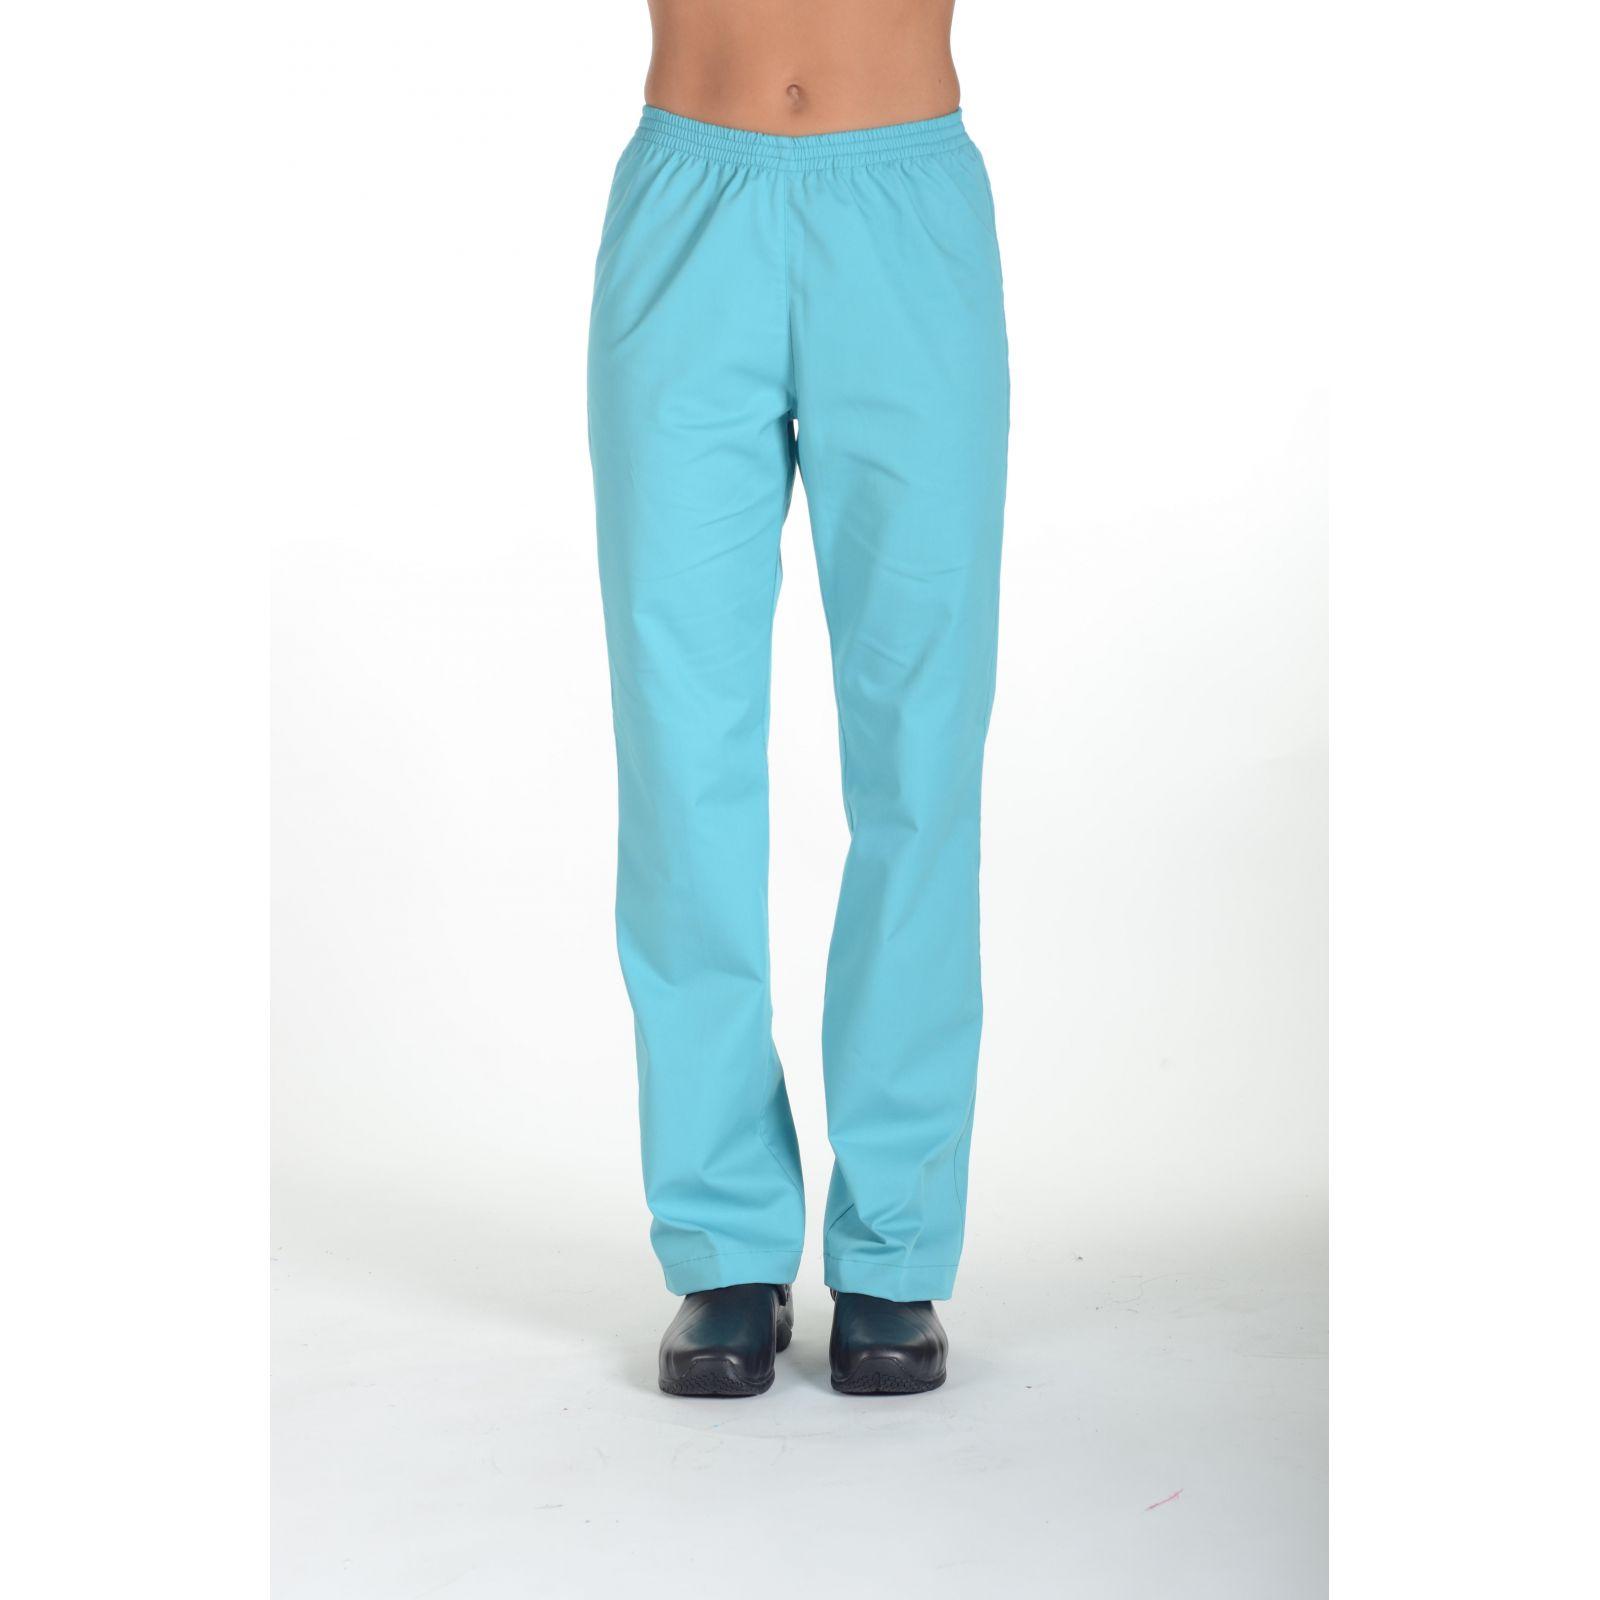 Pantalon Médical Blanc, Unisexe, Taille élastique, Camille Lavandie Laura eco respo